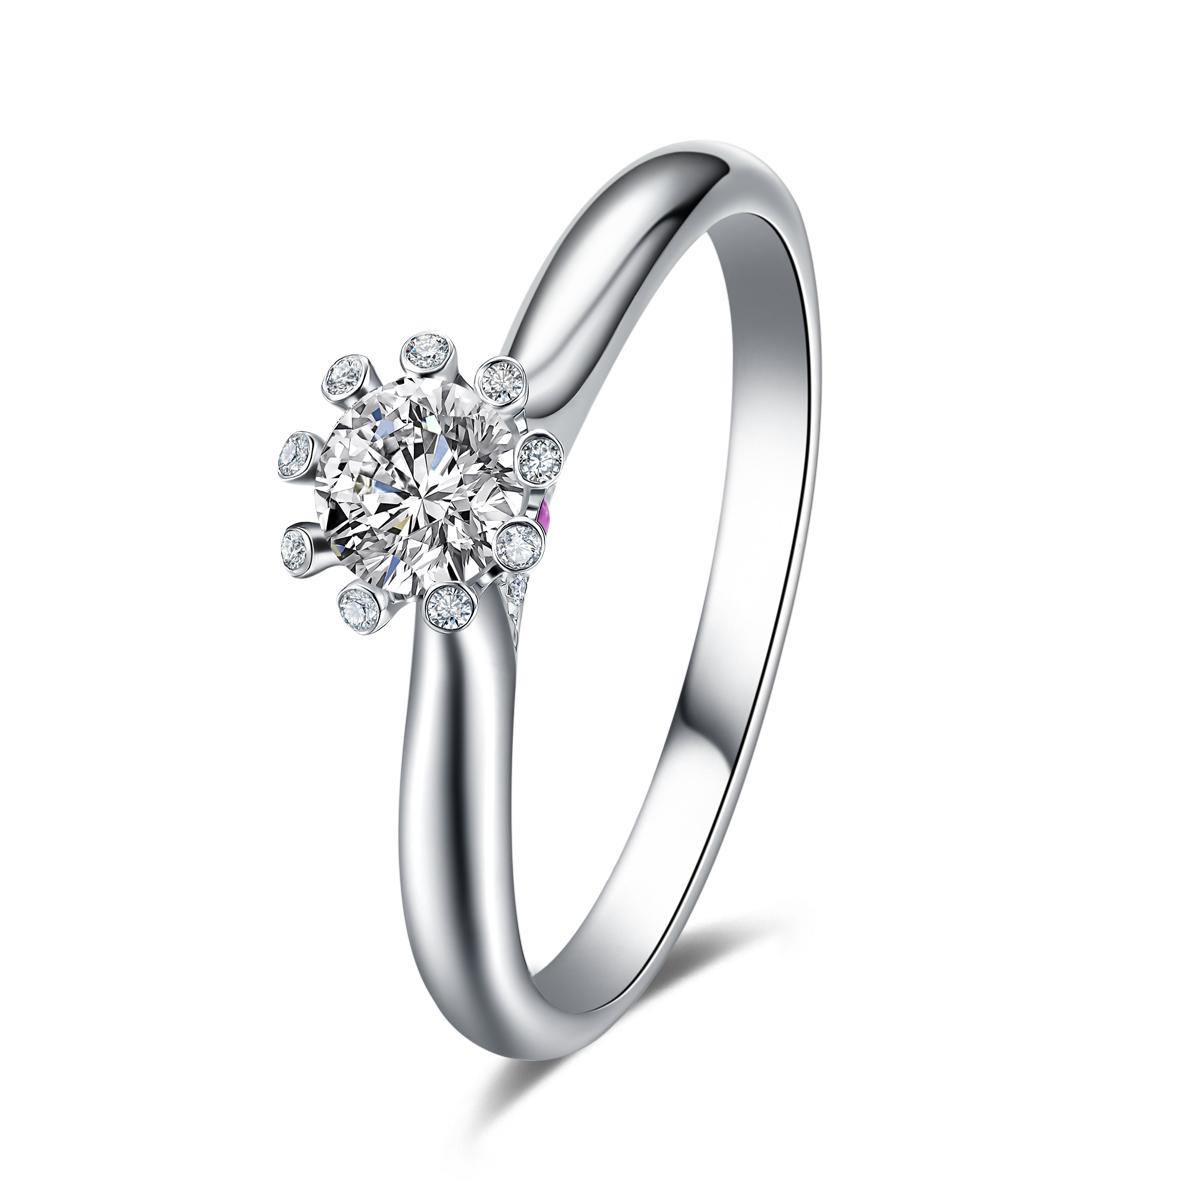 0.2克拉的钻石有多大 0.2克拉的钻石价格怎么样